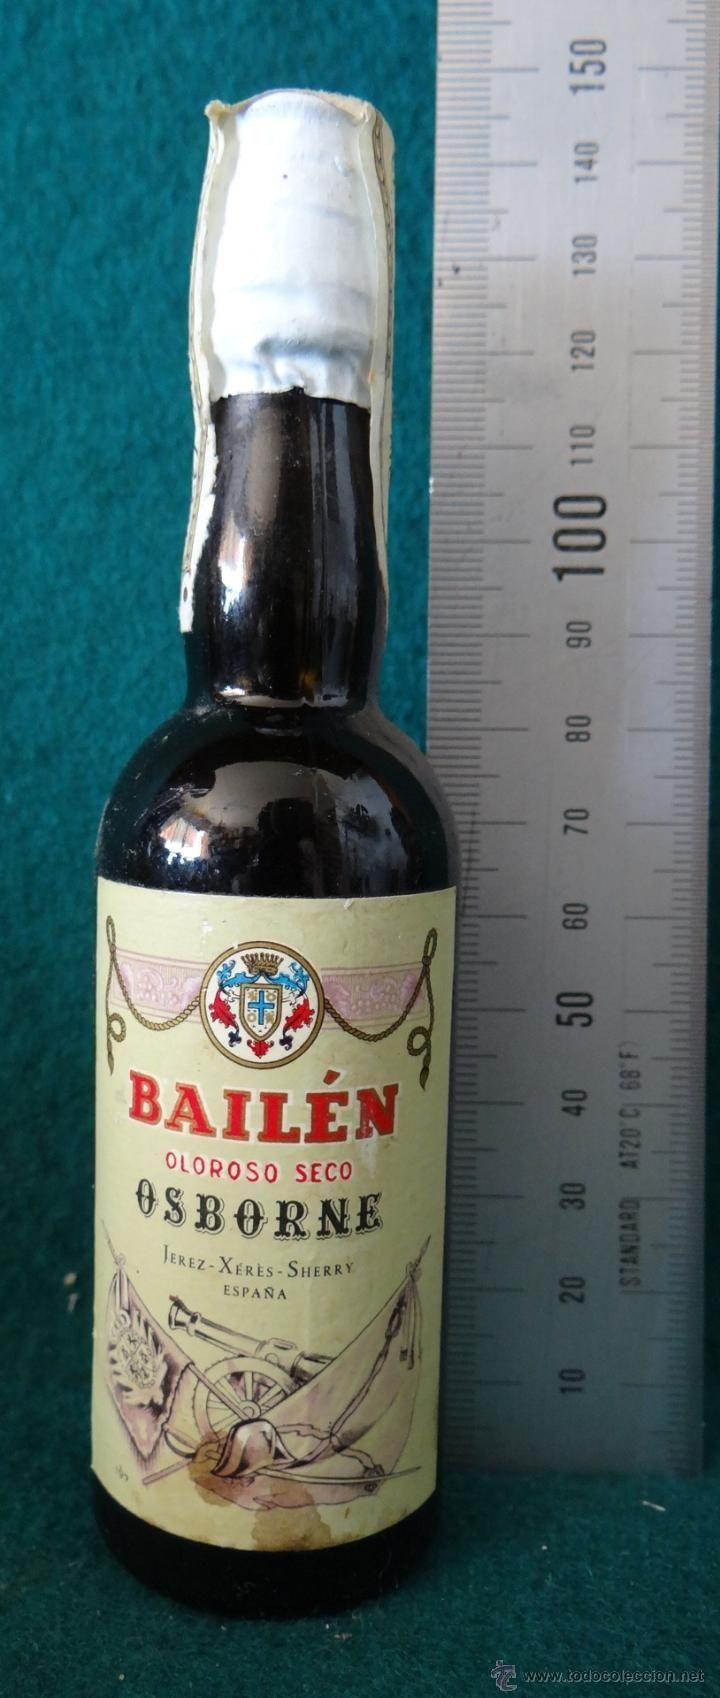 Compro Botellas De Vino Antiguas Botellin Bailen Oloroso Seco Osborne Jerez Botellas De